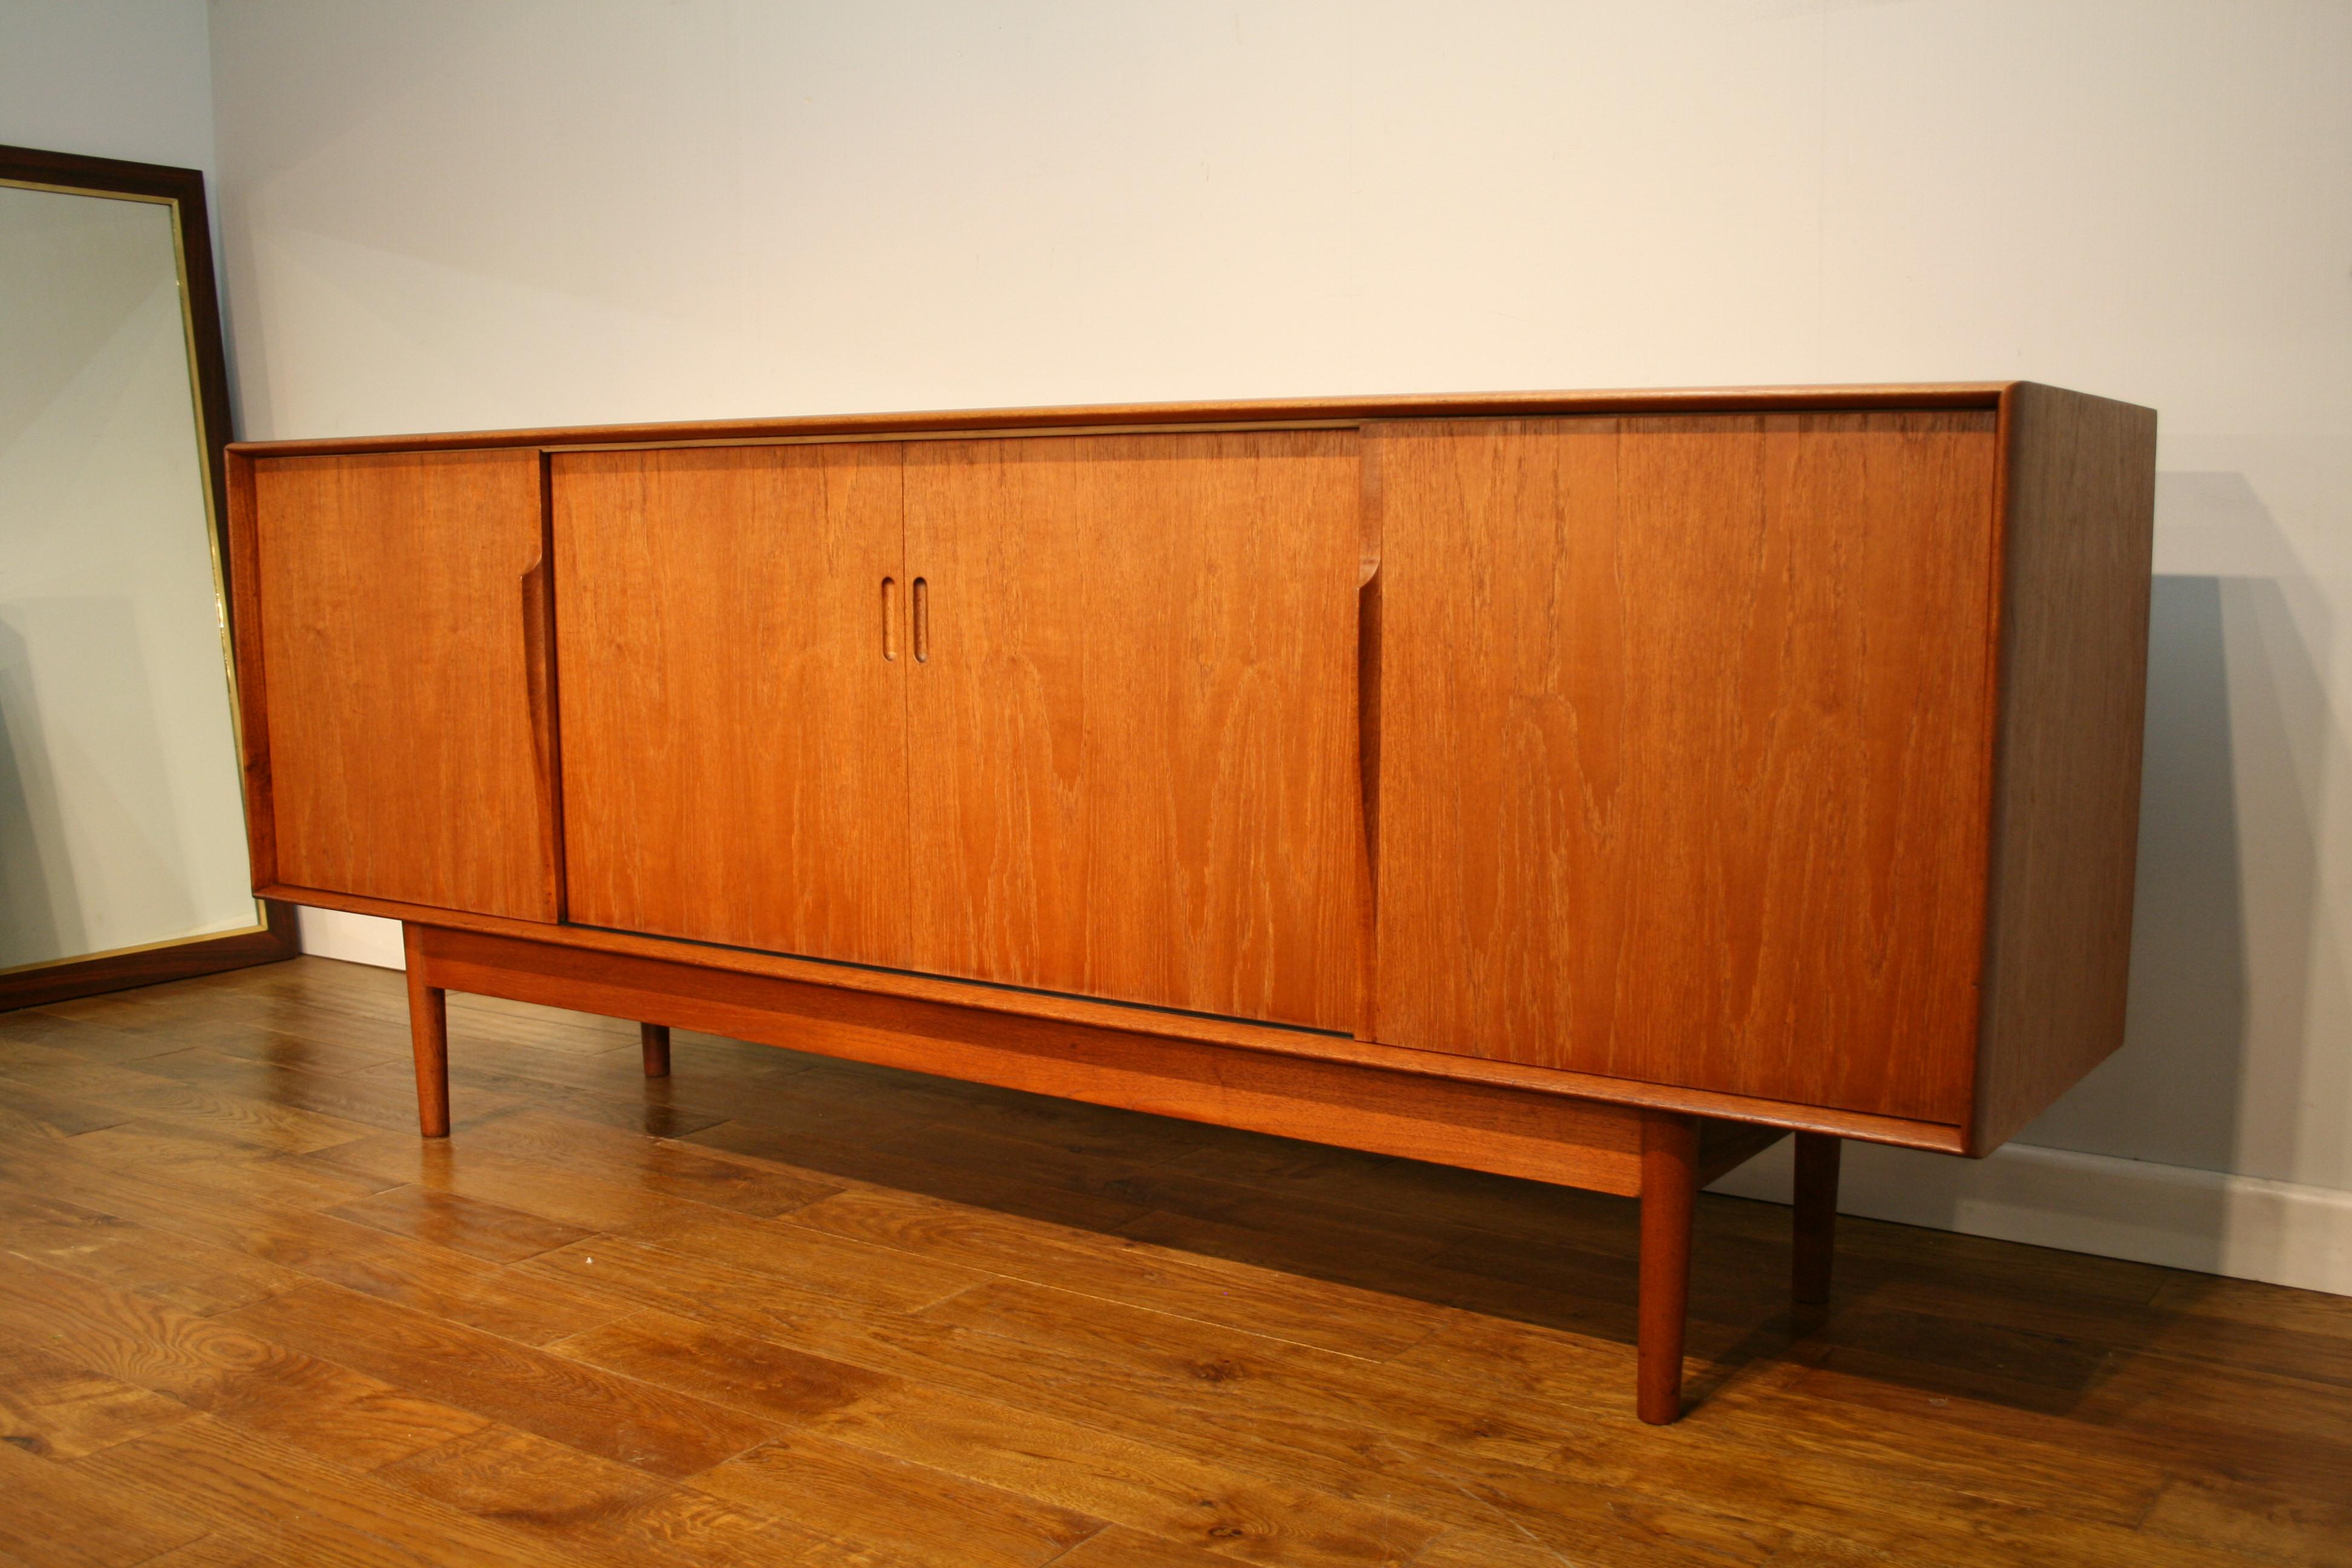 online retailer 56156 82935 A tale of 2 sideboards : Danish versus British - Pure ...